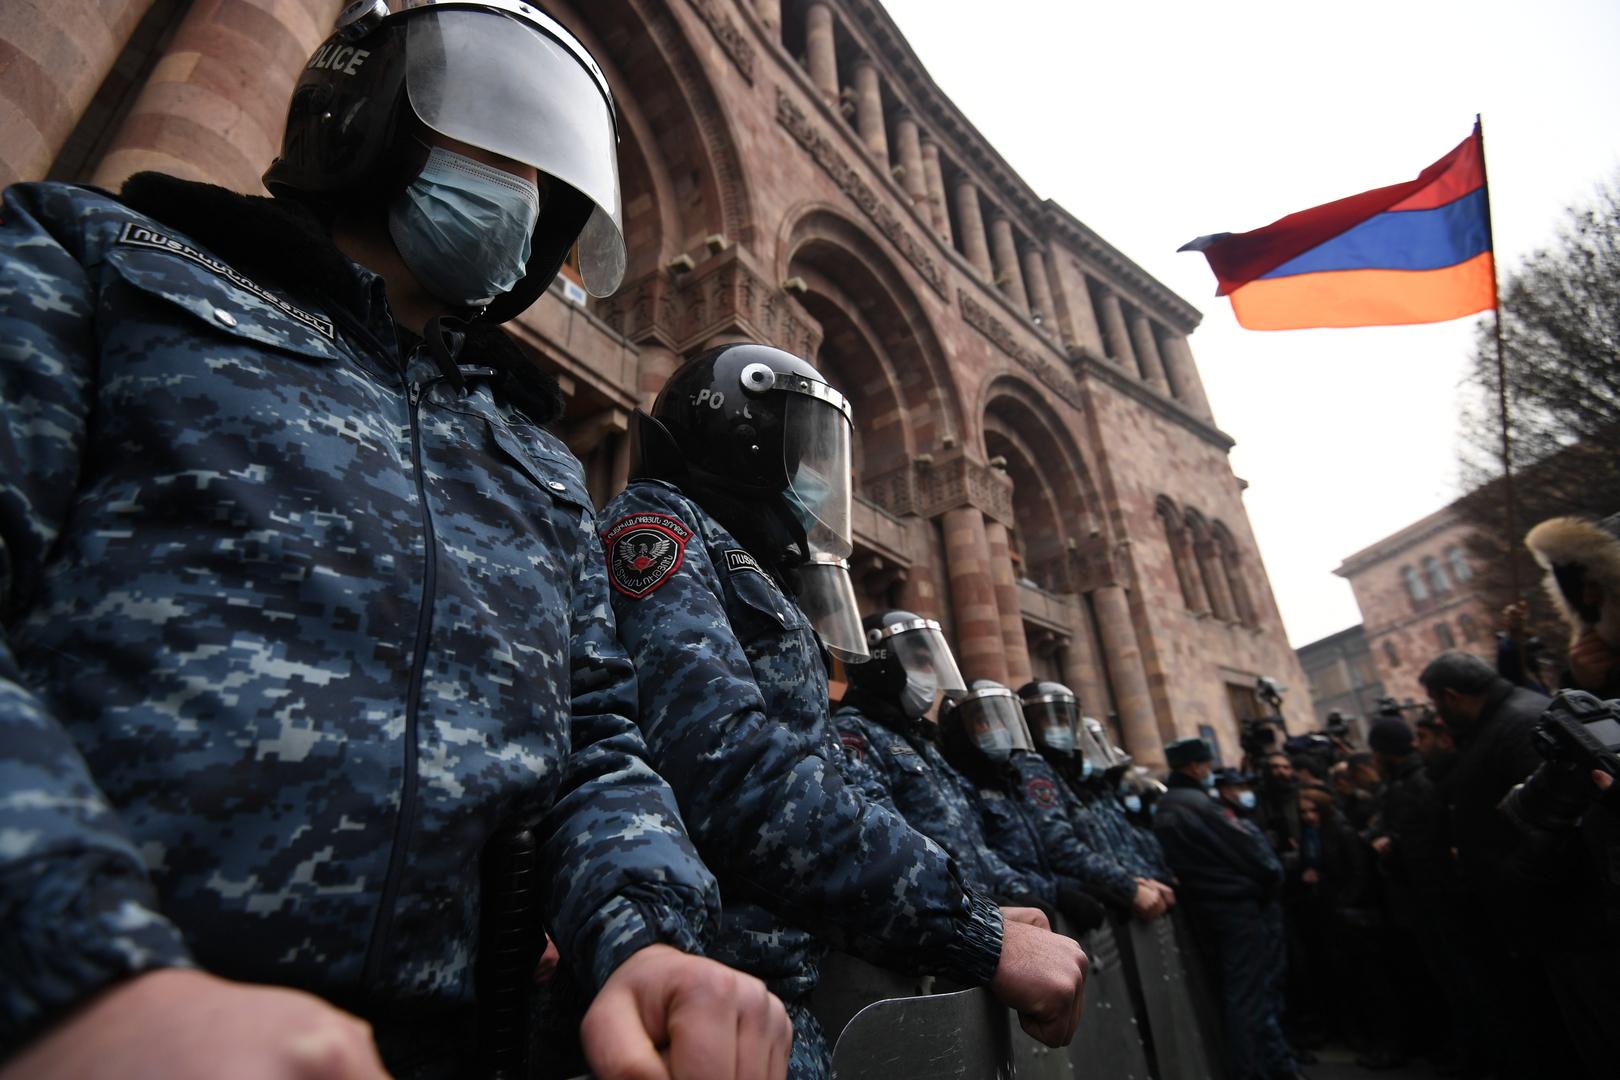 حشد من معارضي رئيس وزراء أرمينيا يقتحمون مبنى حكوميا حيث يقع عدد من الوزارات